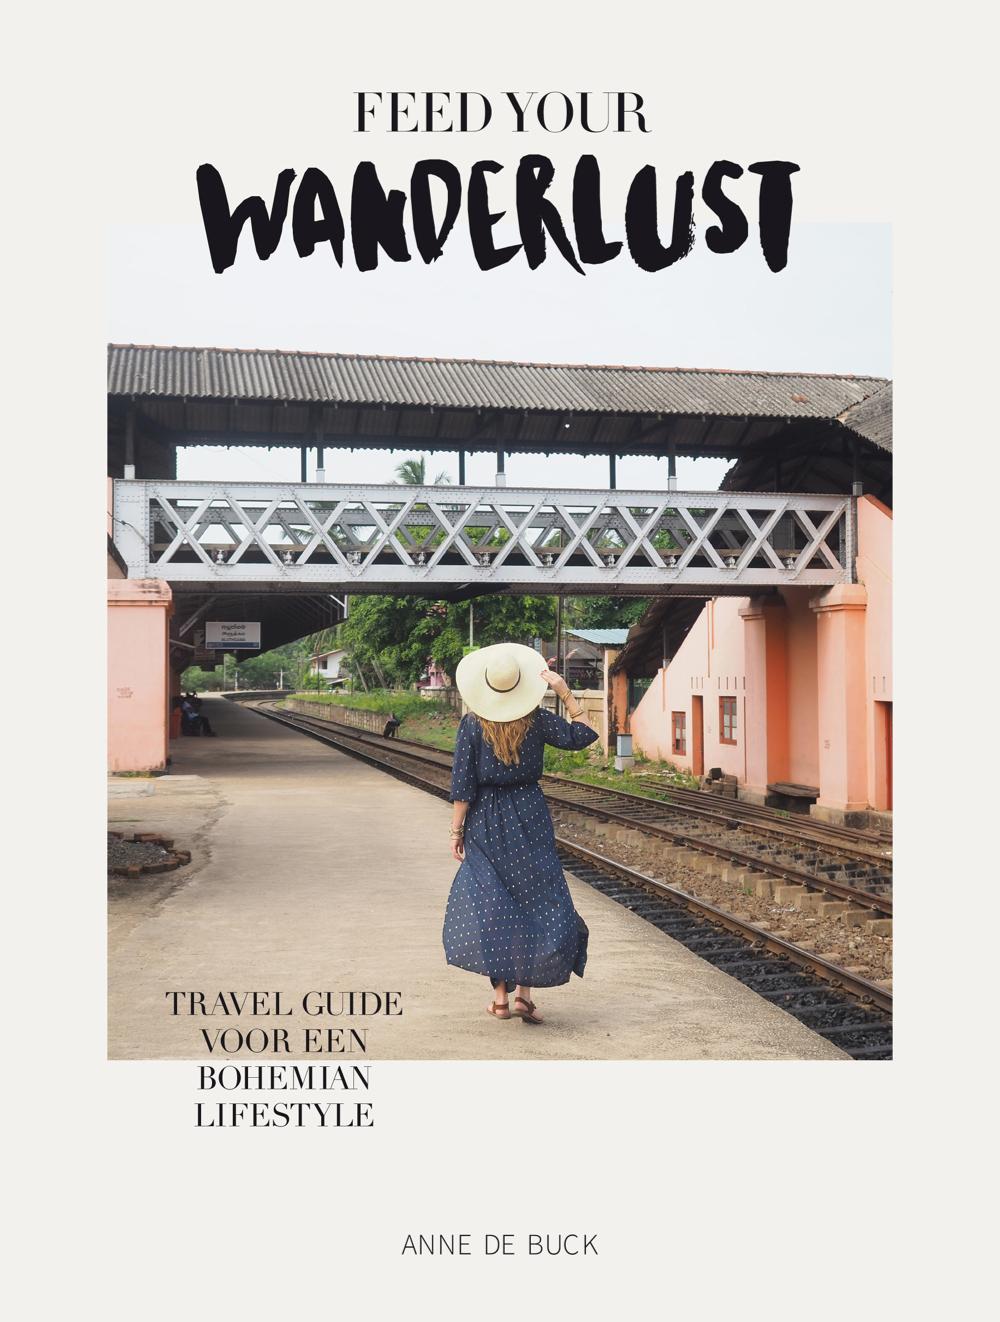 De cover van het boek Feed your wanderlust, met Anne de Buck aan de achterzijde langs het spoor